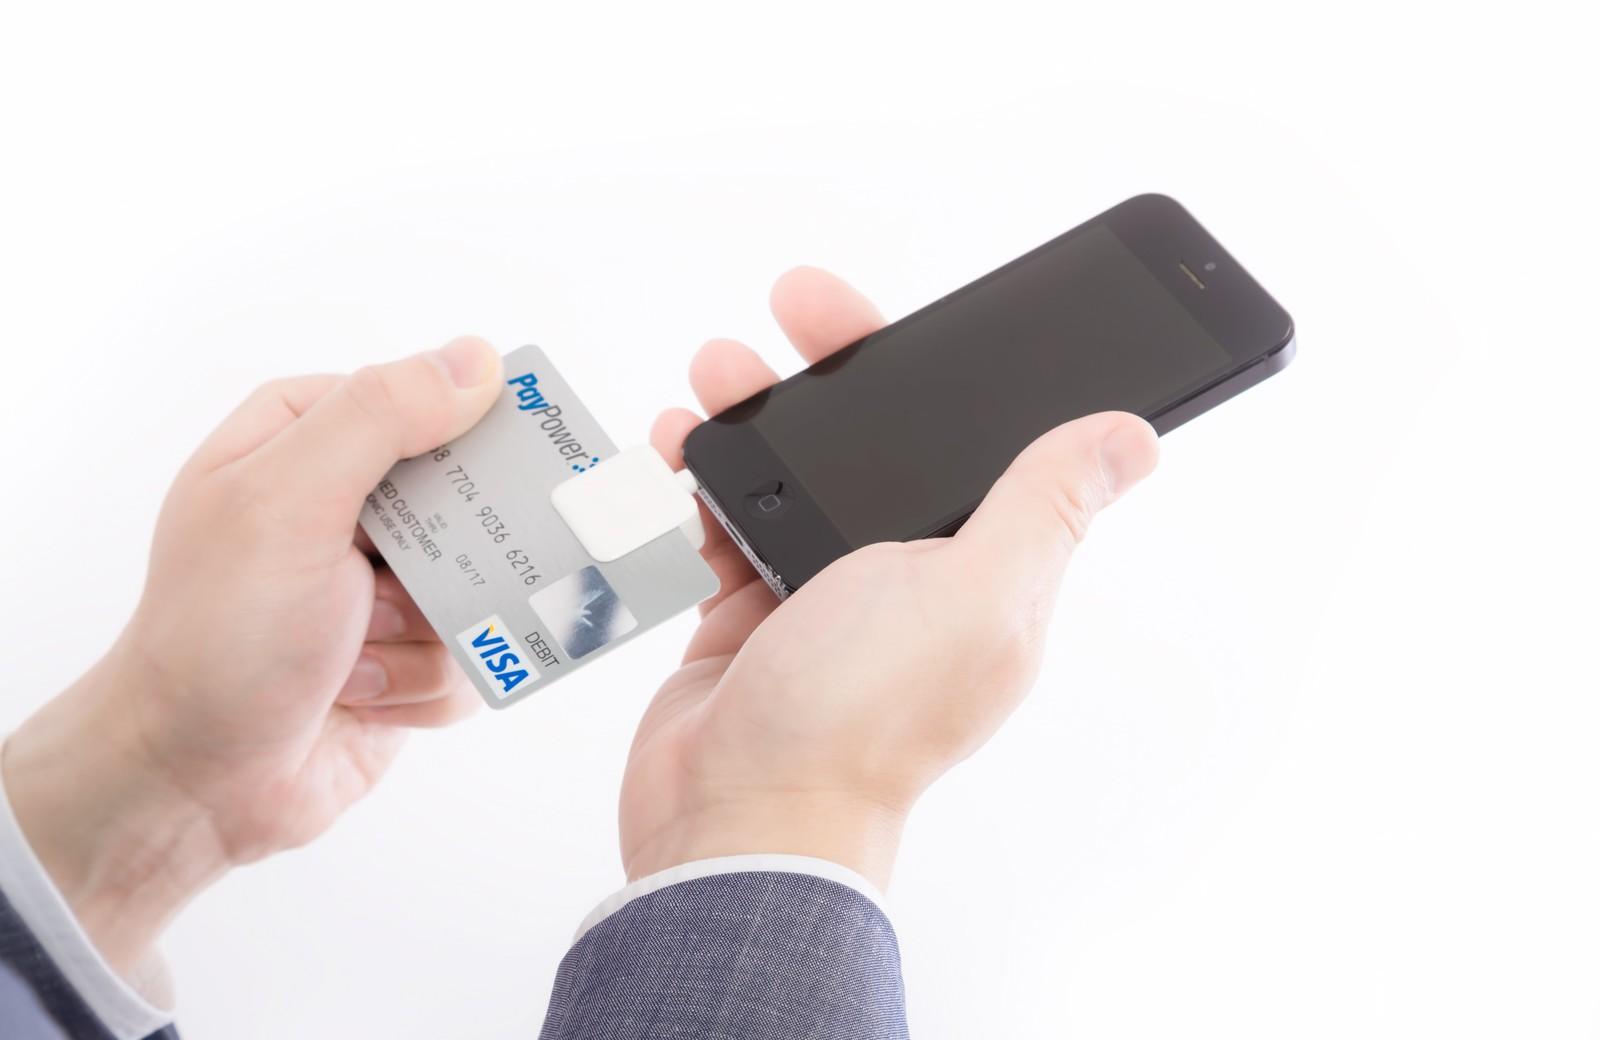 mineo/マイネオで使うクレジットカードの名義や変更、ない場合について